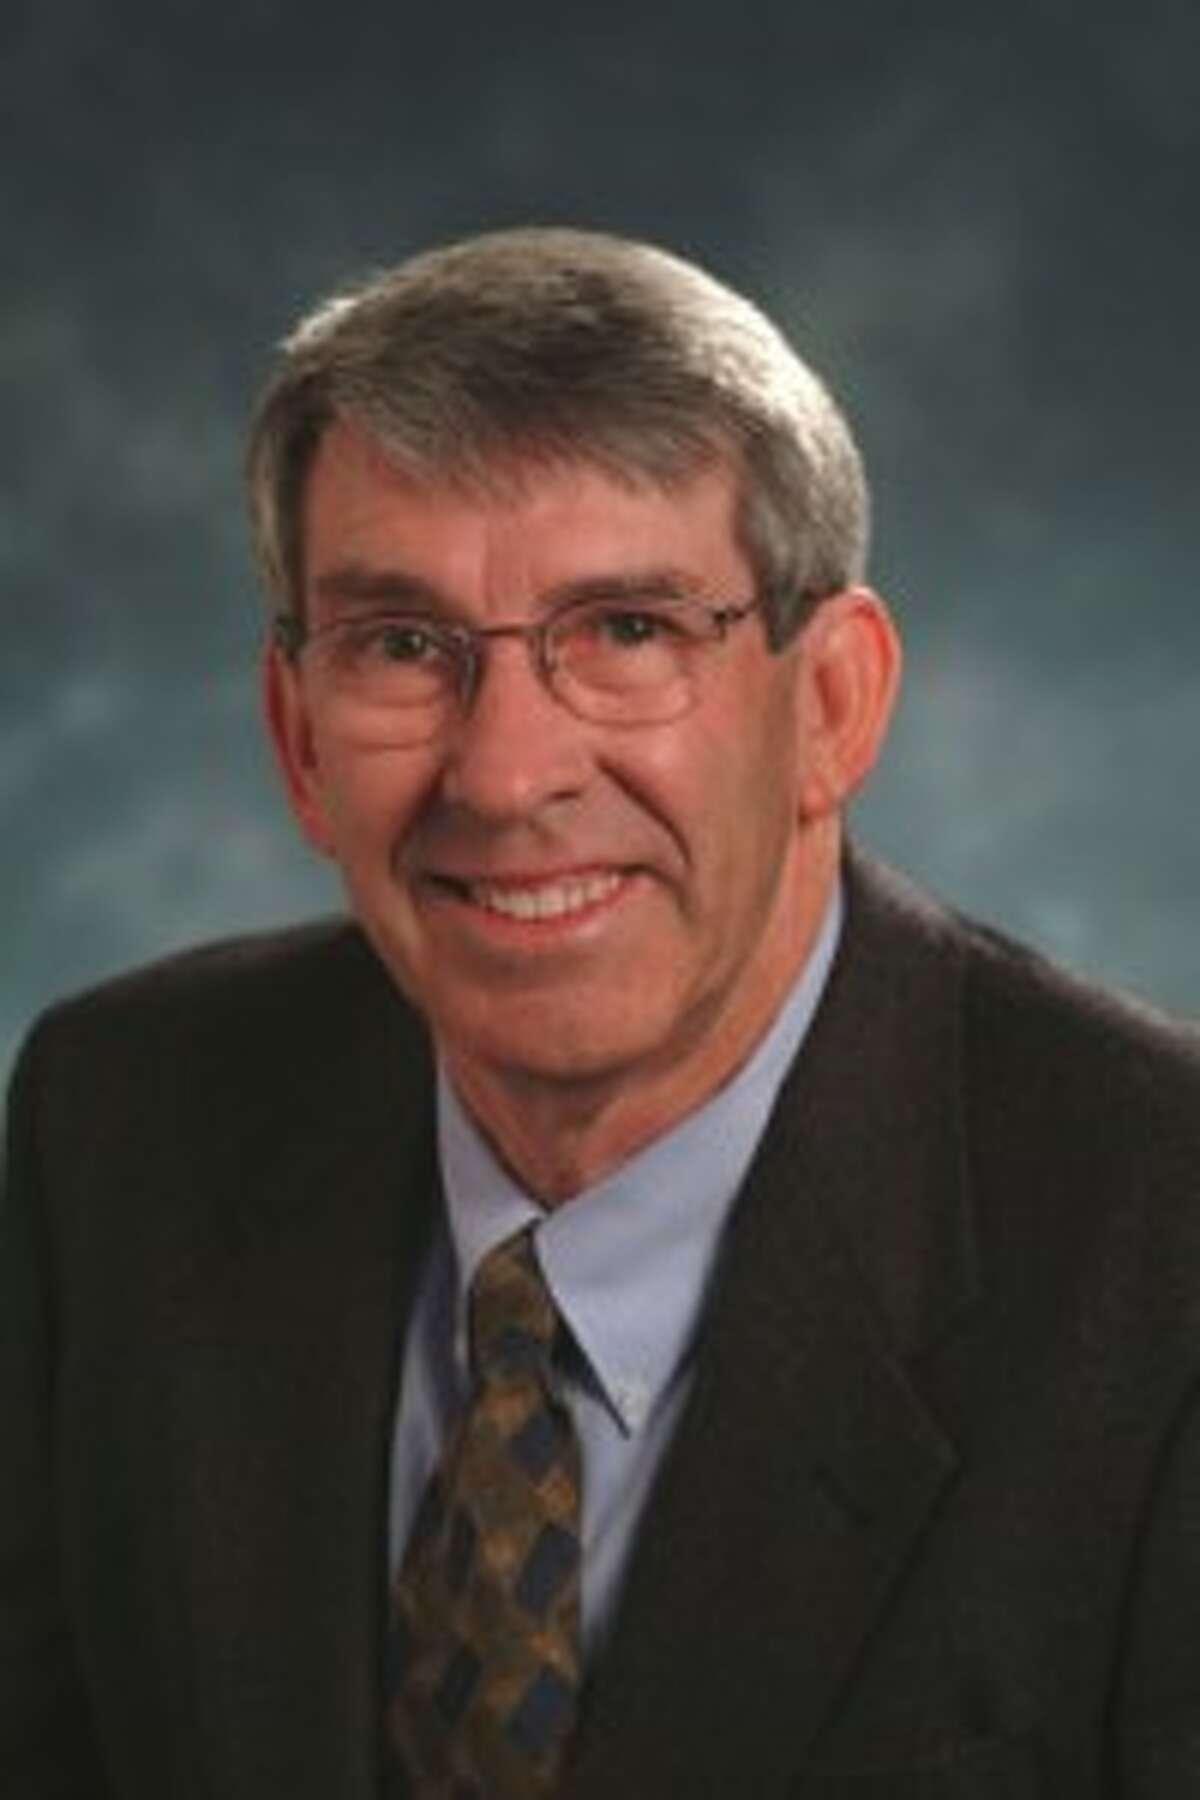 Leonard Pike